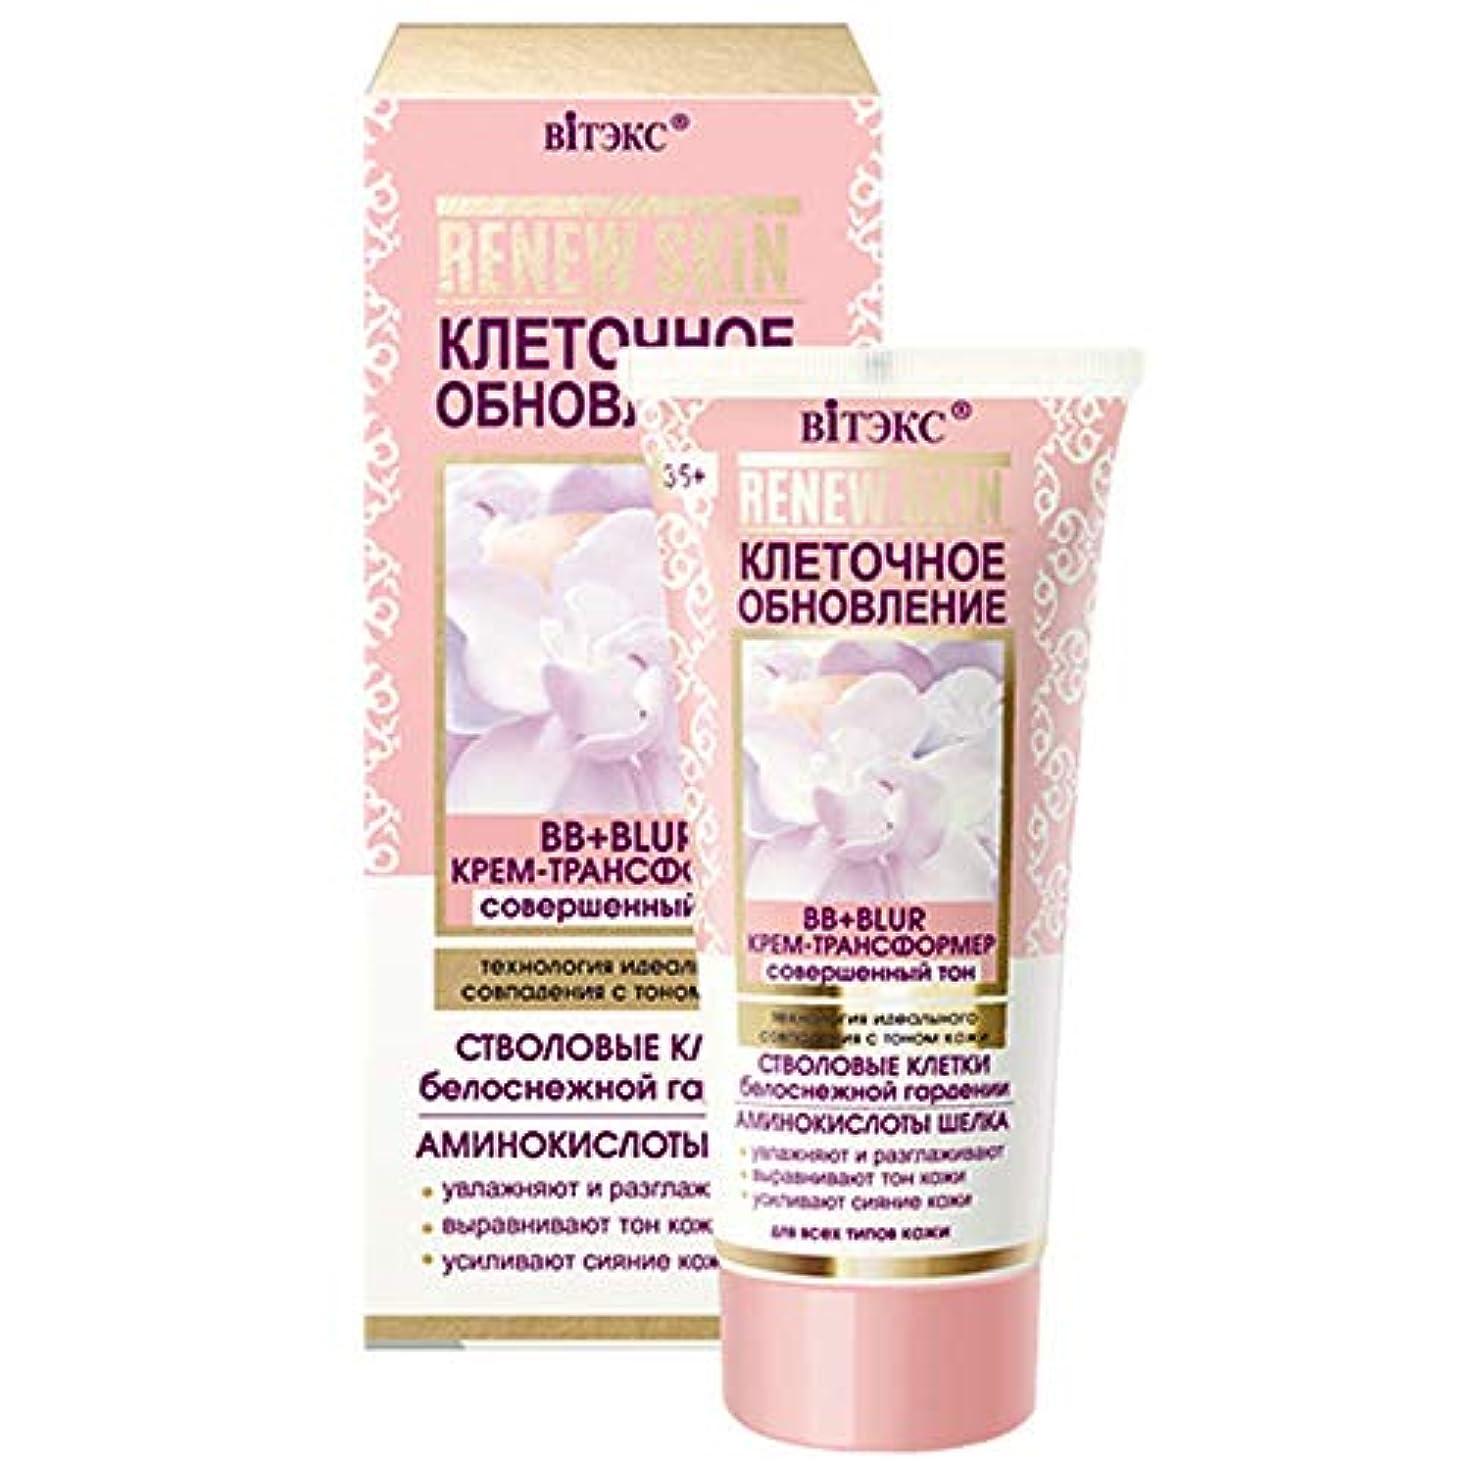 和スピーチ委託Bielita & Vitex | RENEW SKIN | BB + BLUR CREAM-TRANSFORMER | Perfect tone technology of perfect match with skin...